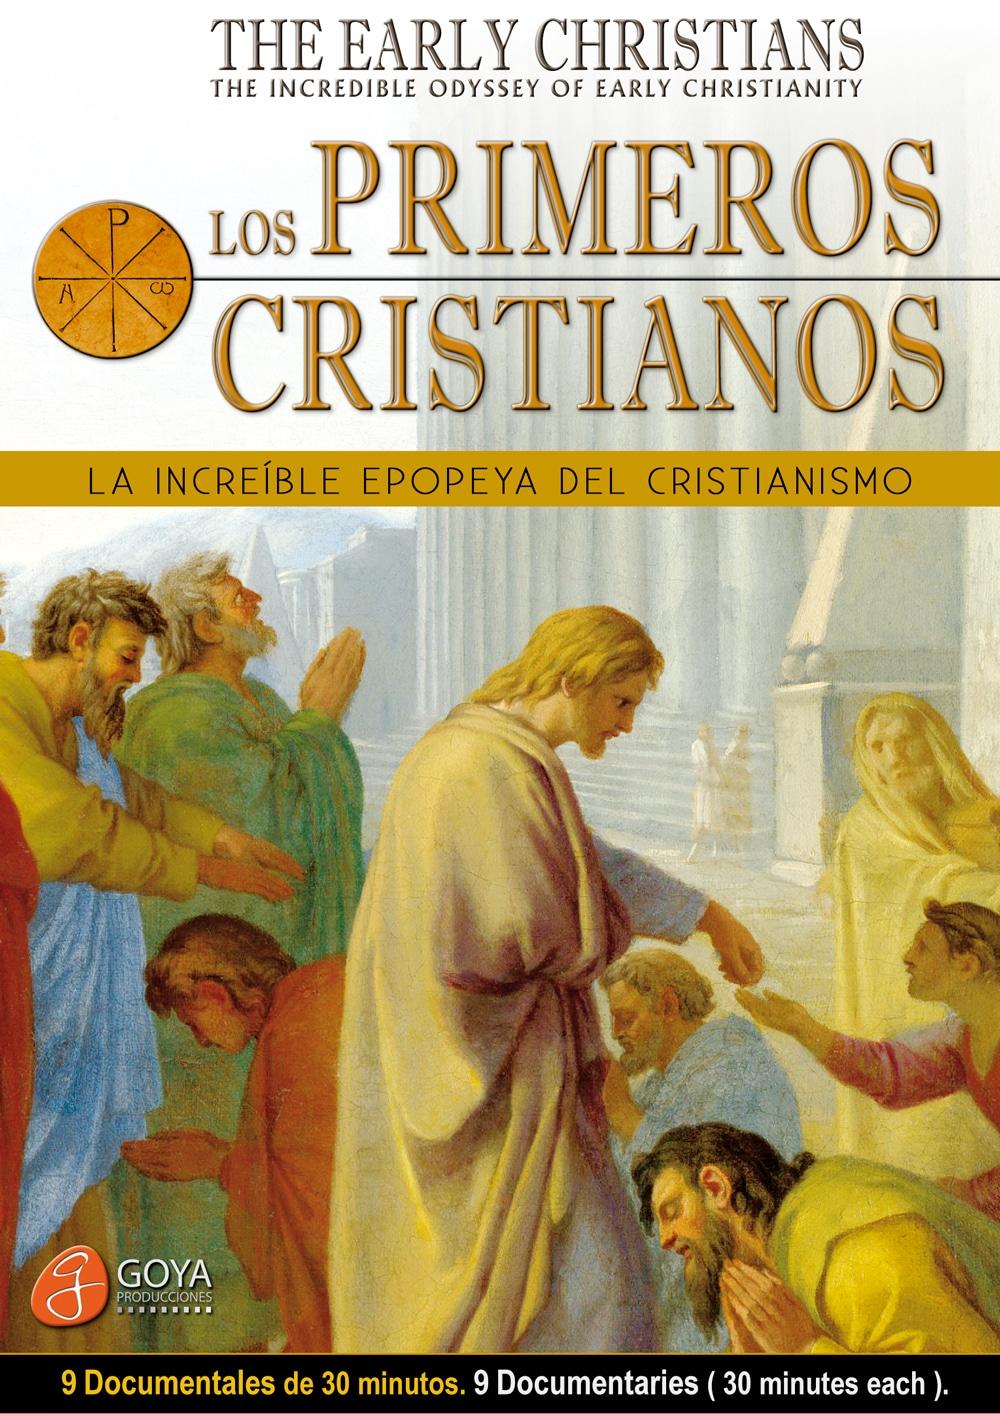 Los primeros cristianos